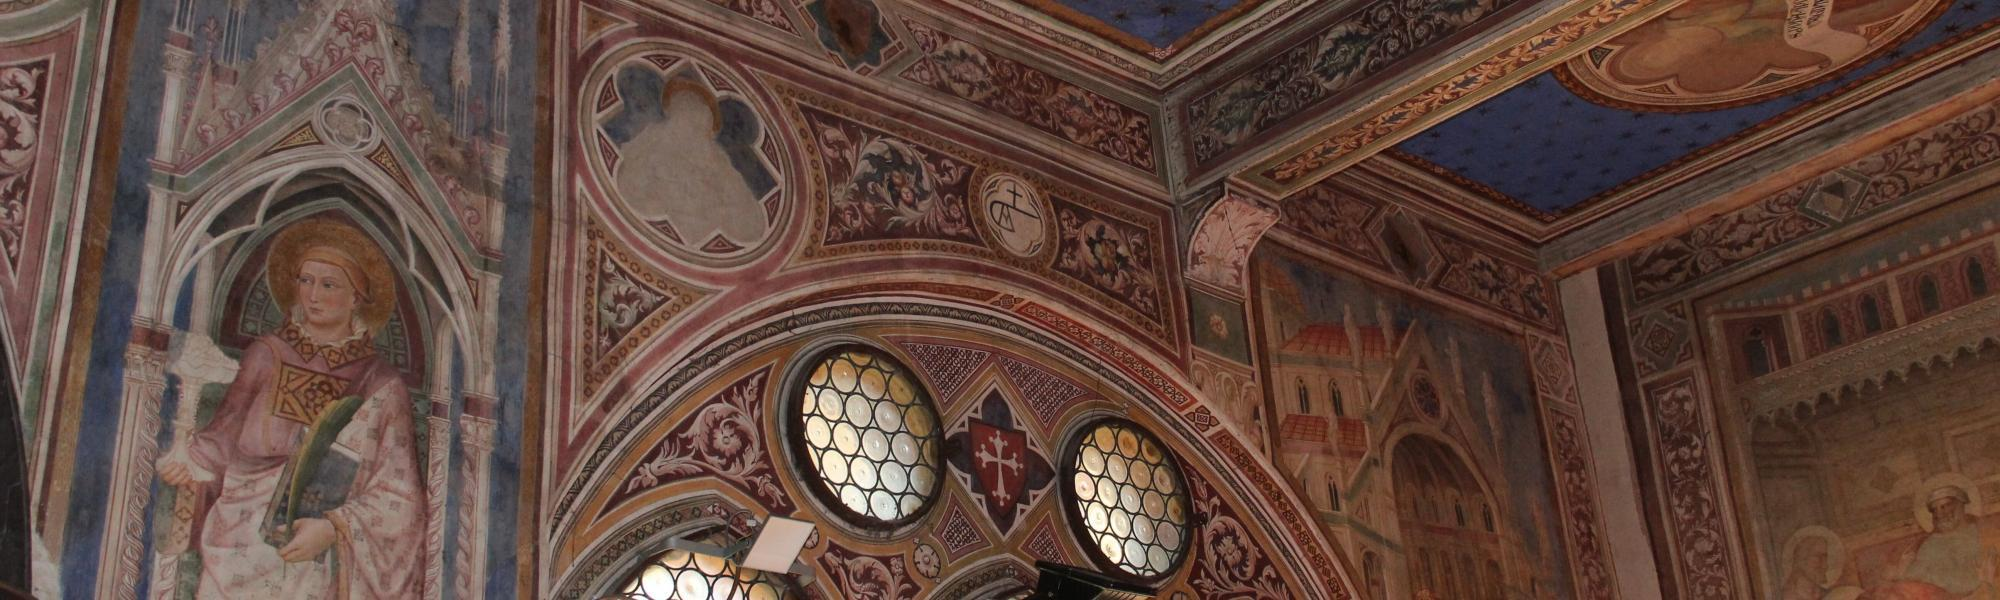 Decorazione interna Chiesa di San Francesco (G. Bettini, Comune di Pisa)